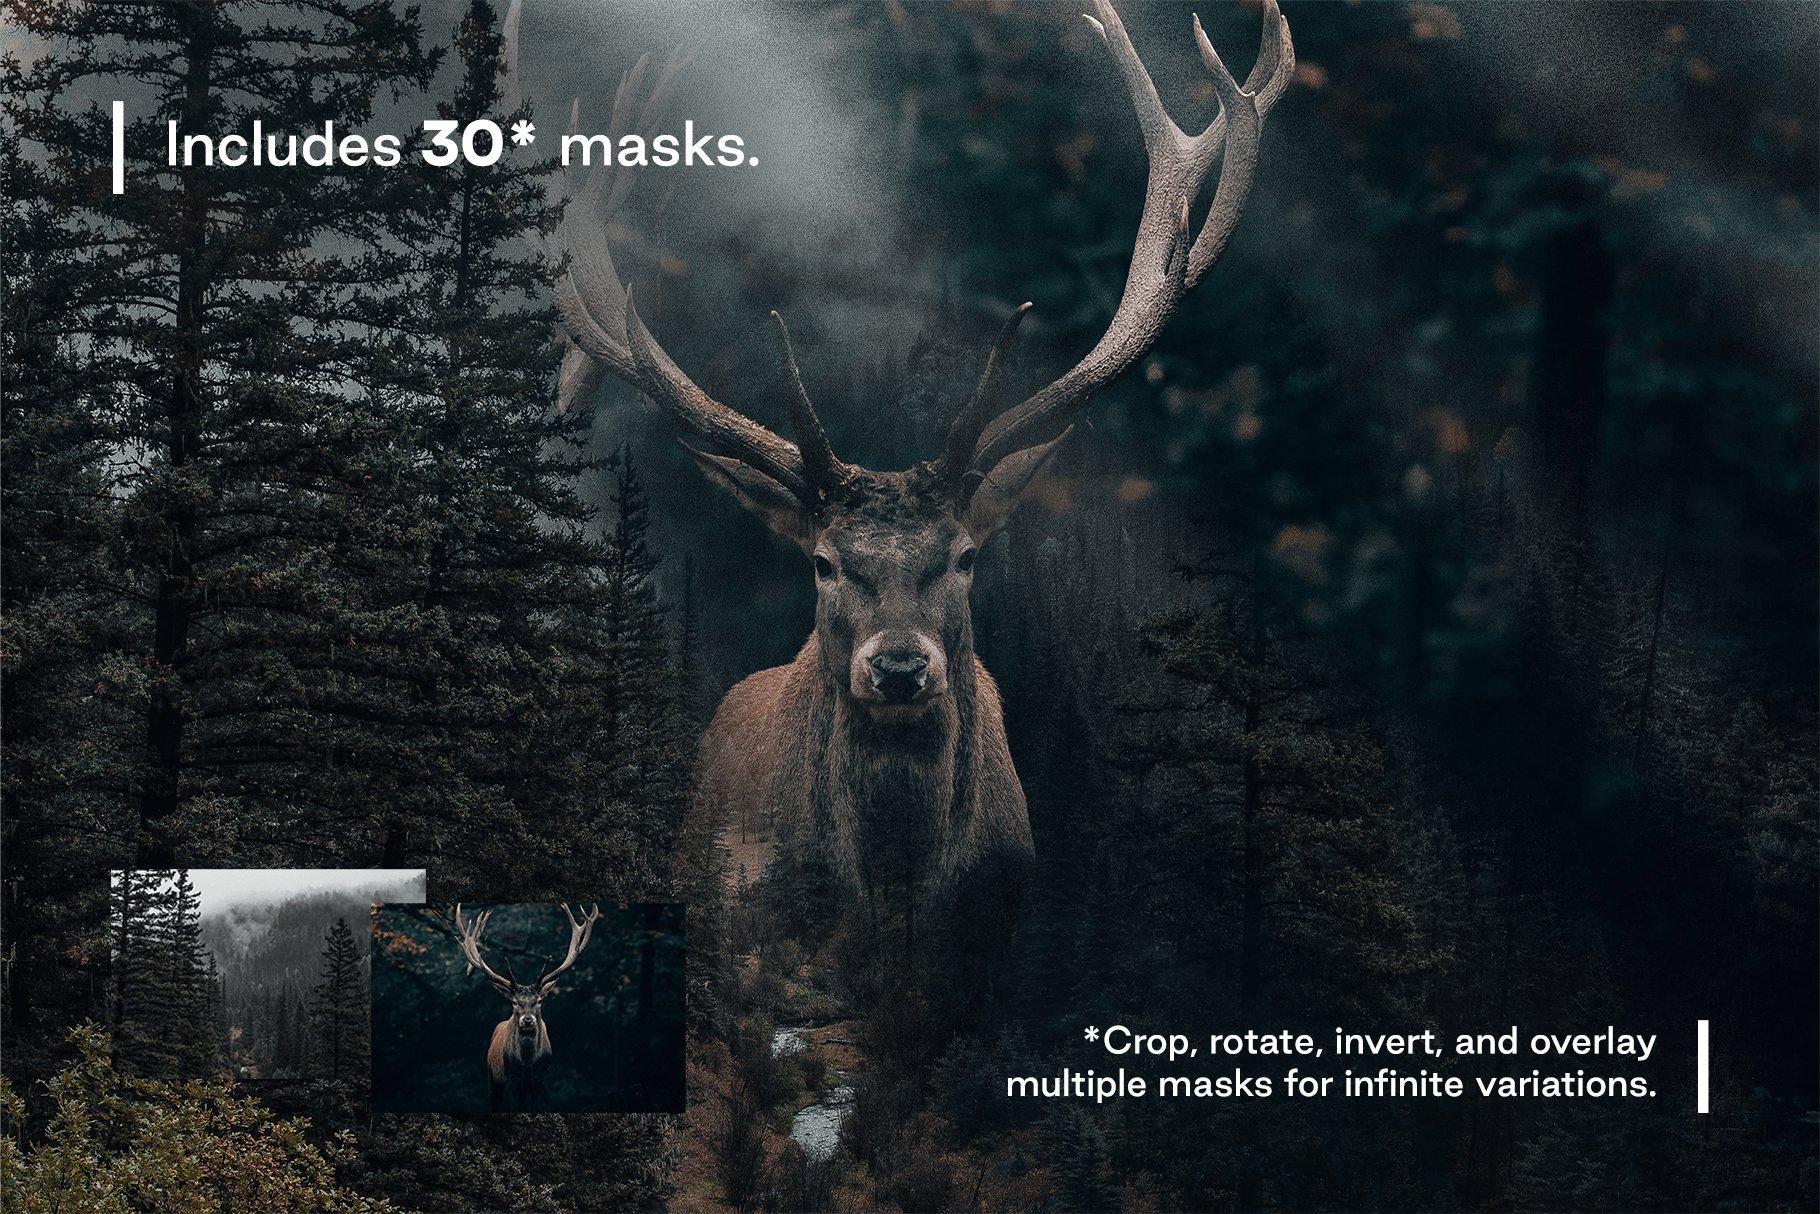 [淘宝购买] 多种曝光融合烟雾混合效果照片处理PS图层样式 Converge – Image Blending插图(6)